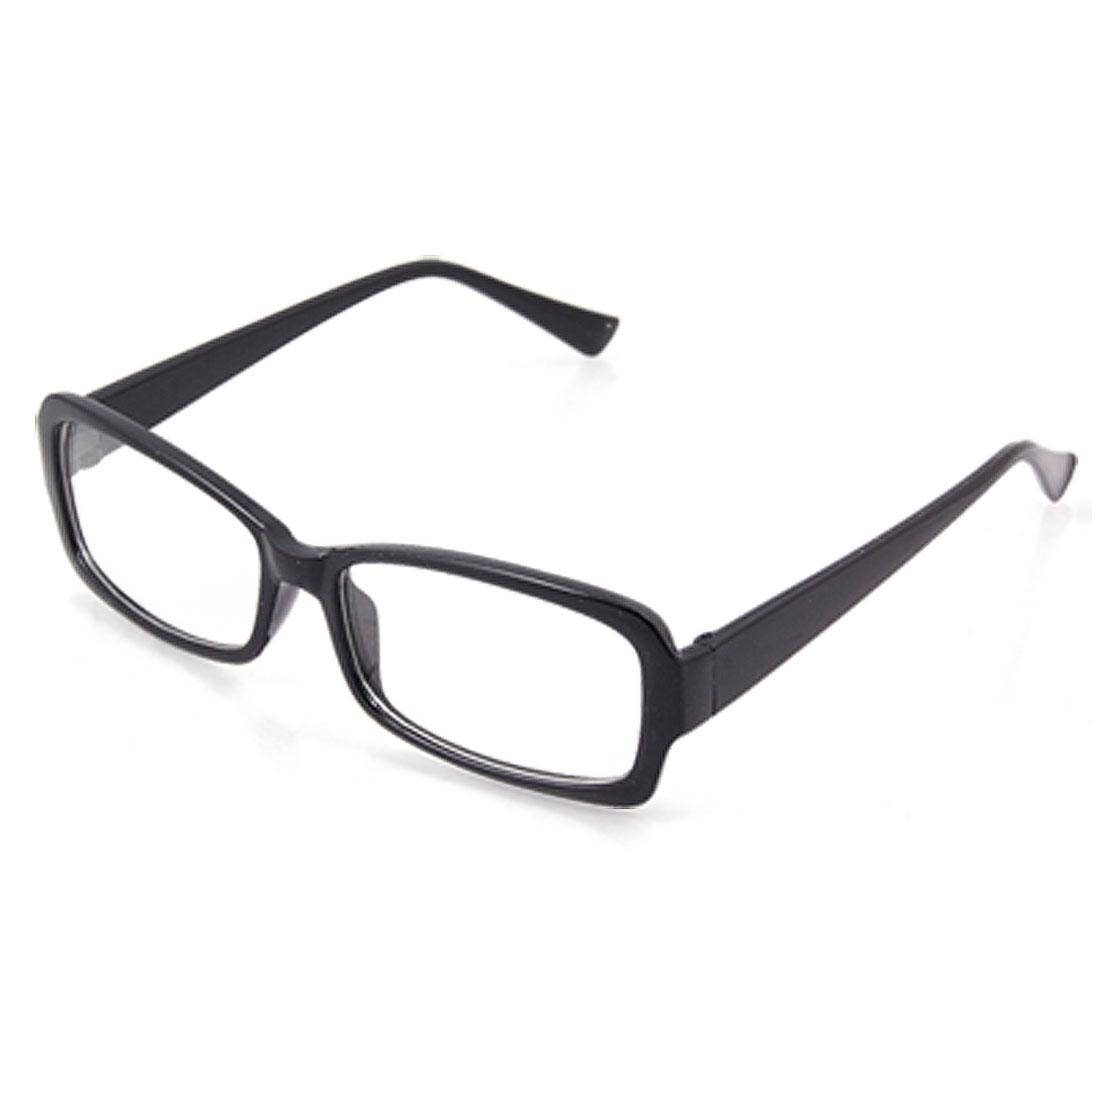 Full Rim Frame Black Plastic Wide Arms Glasses for Unisex